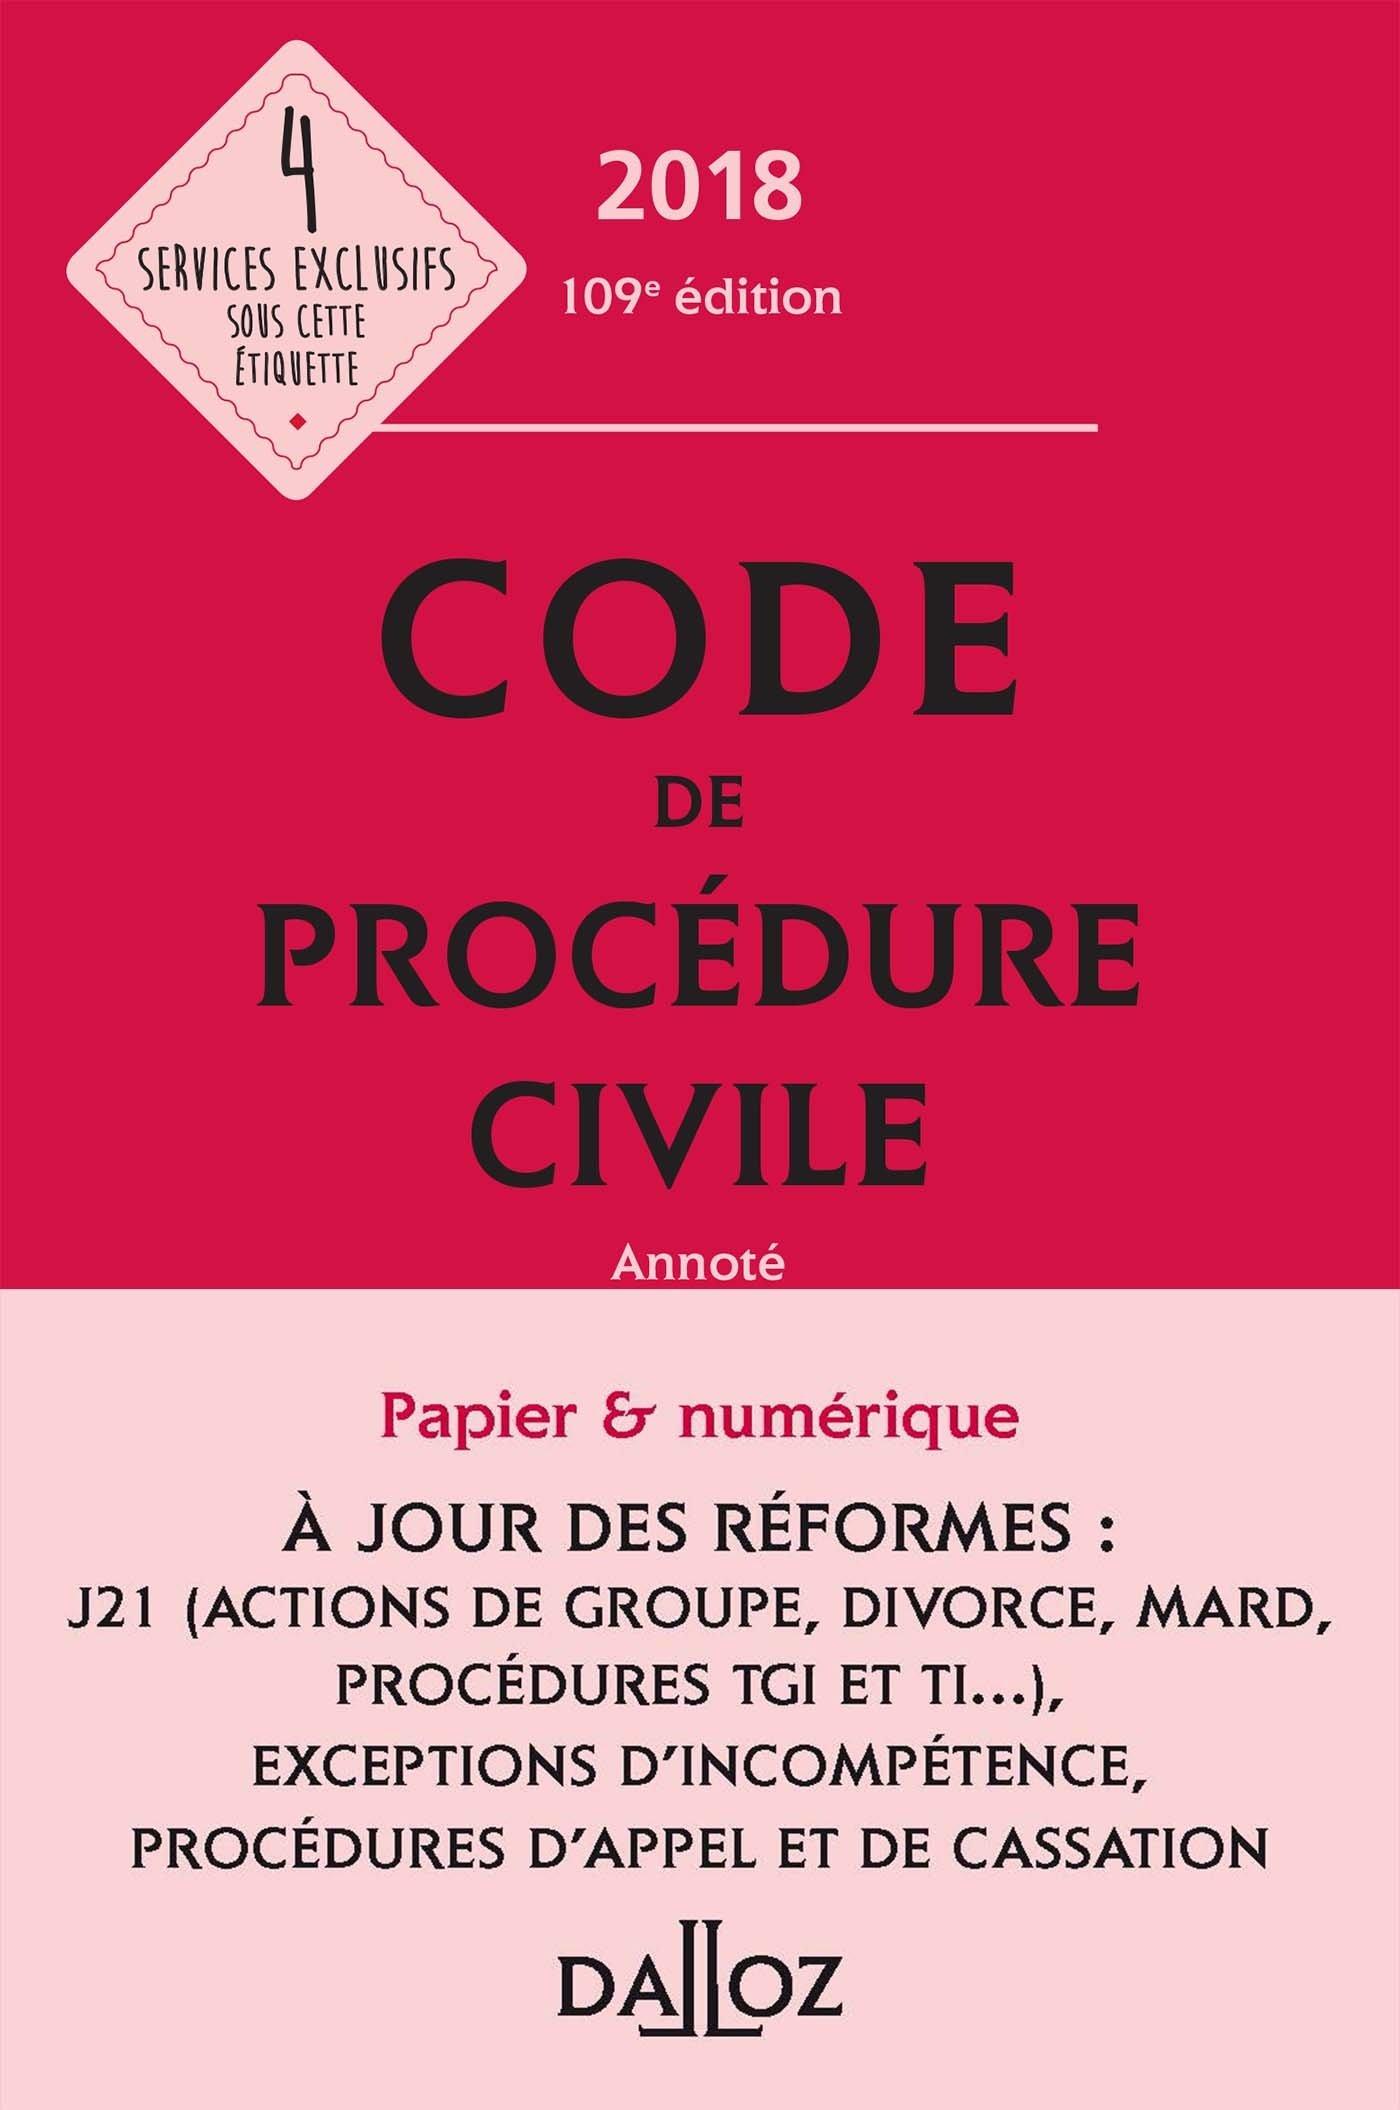 Code de procédure civile 2018, annoté - 109e éd.: 9782247168644 ...